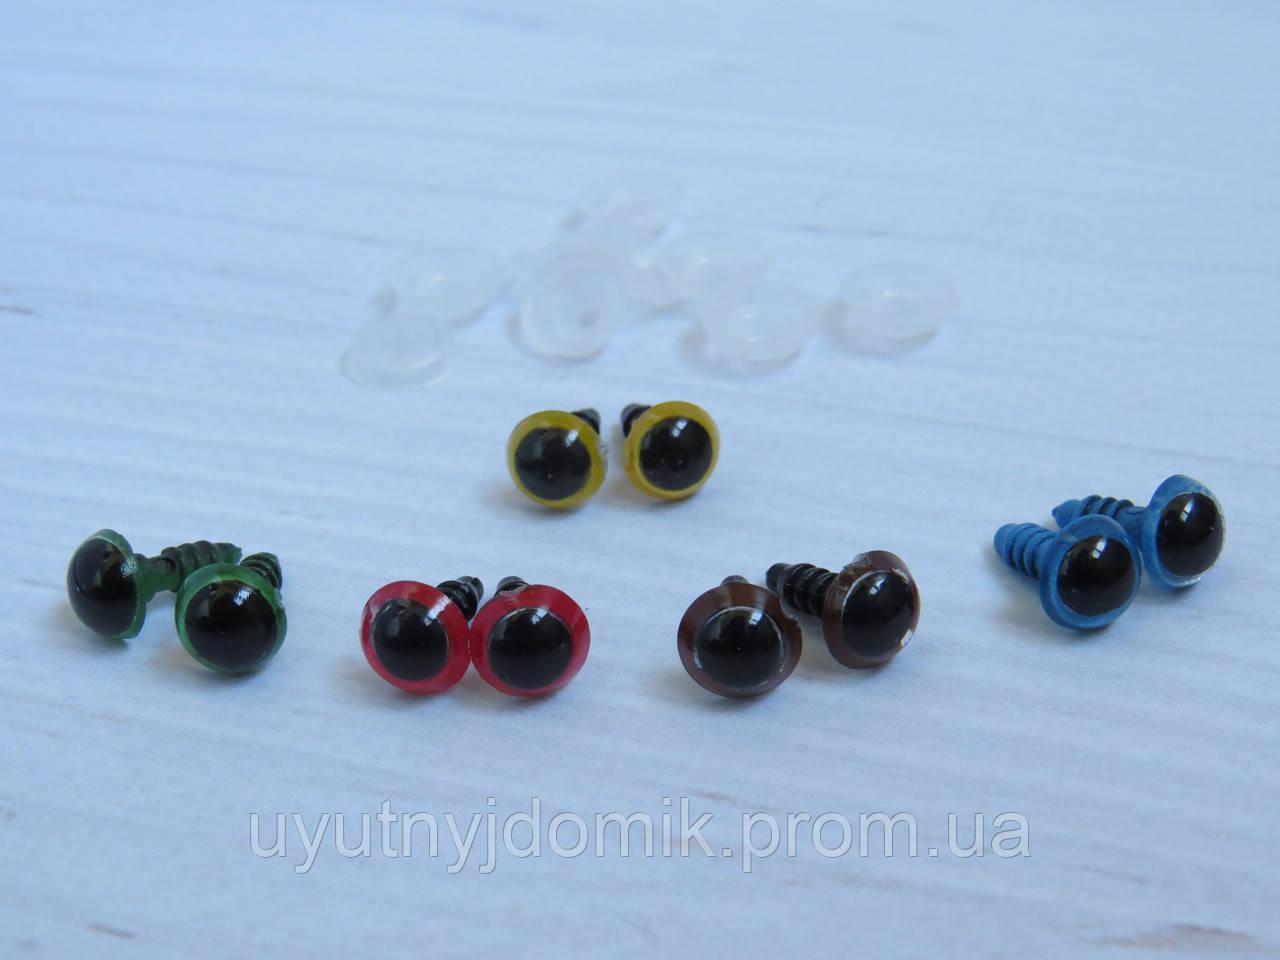 глаза болтики для игрушек цветные 8 мм материалы для изготовления